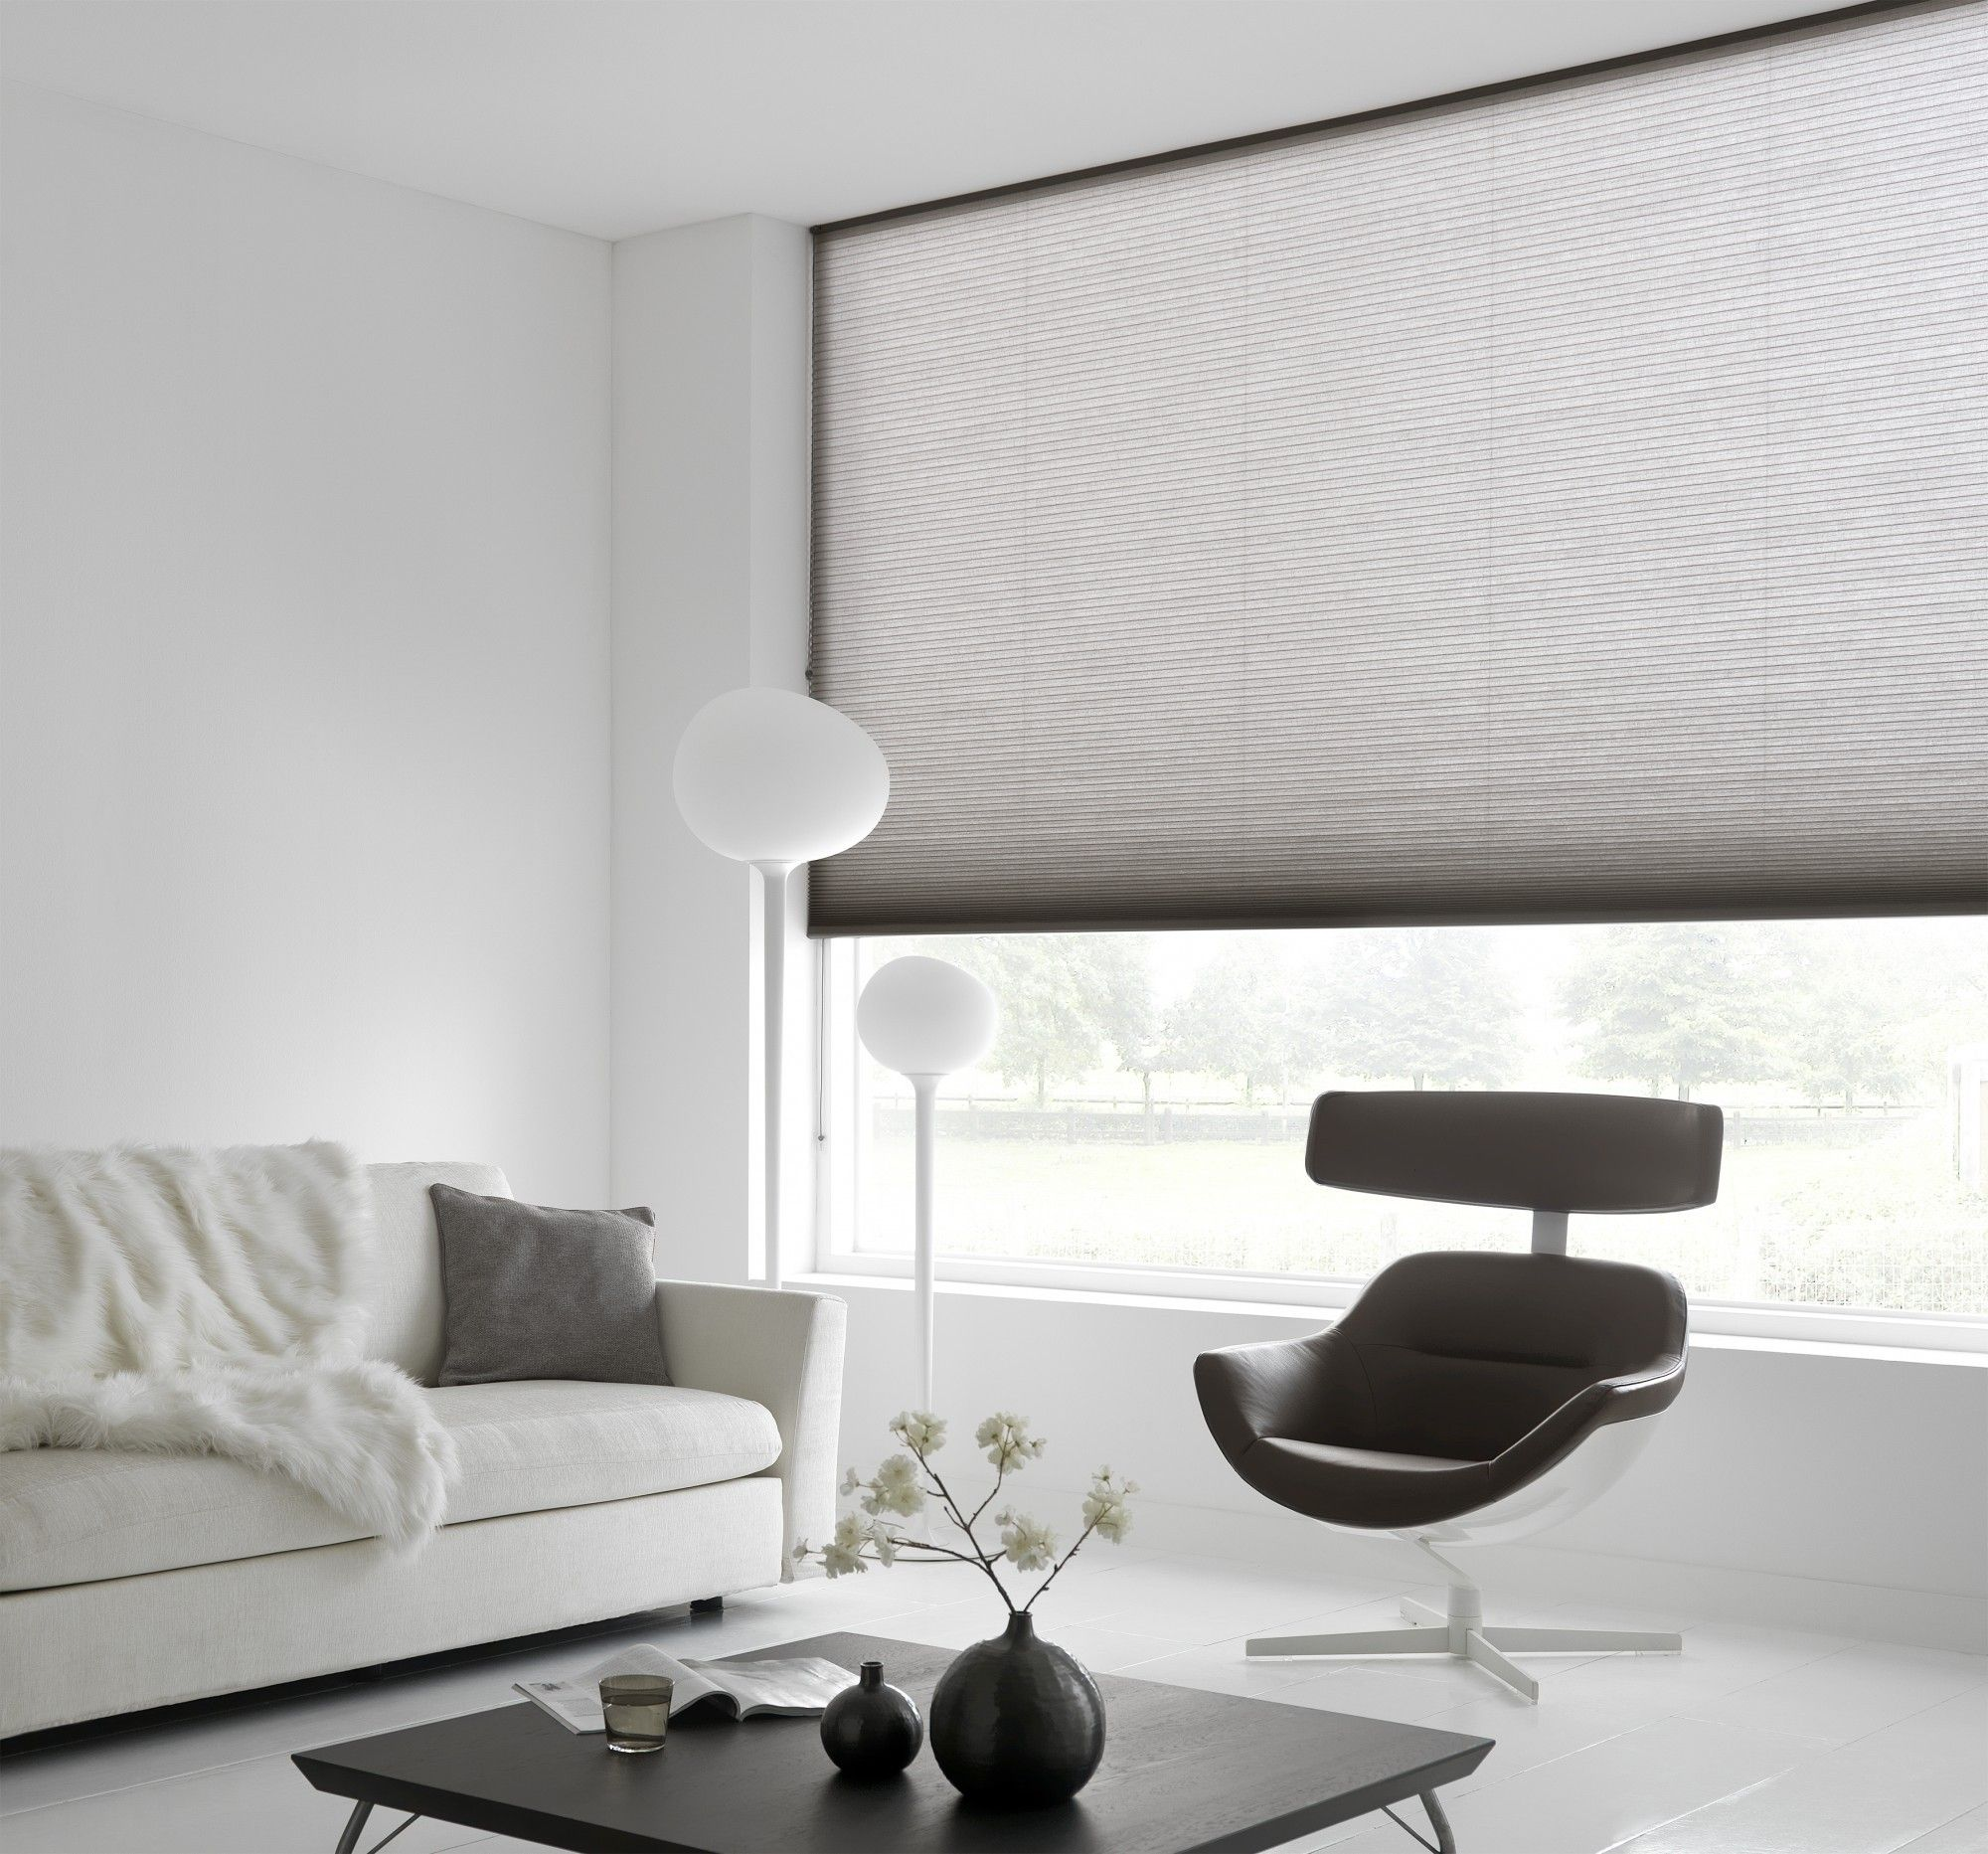 Sunway Modern Decorcellular Blindshouse